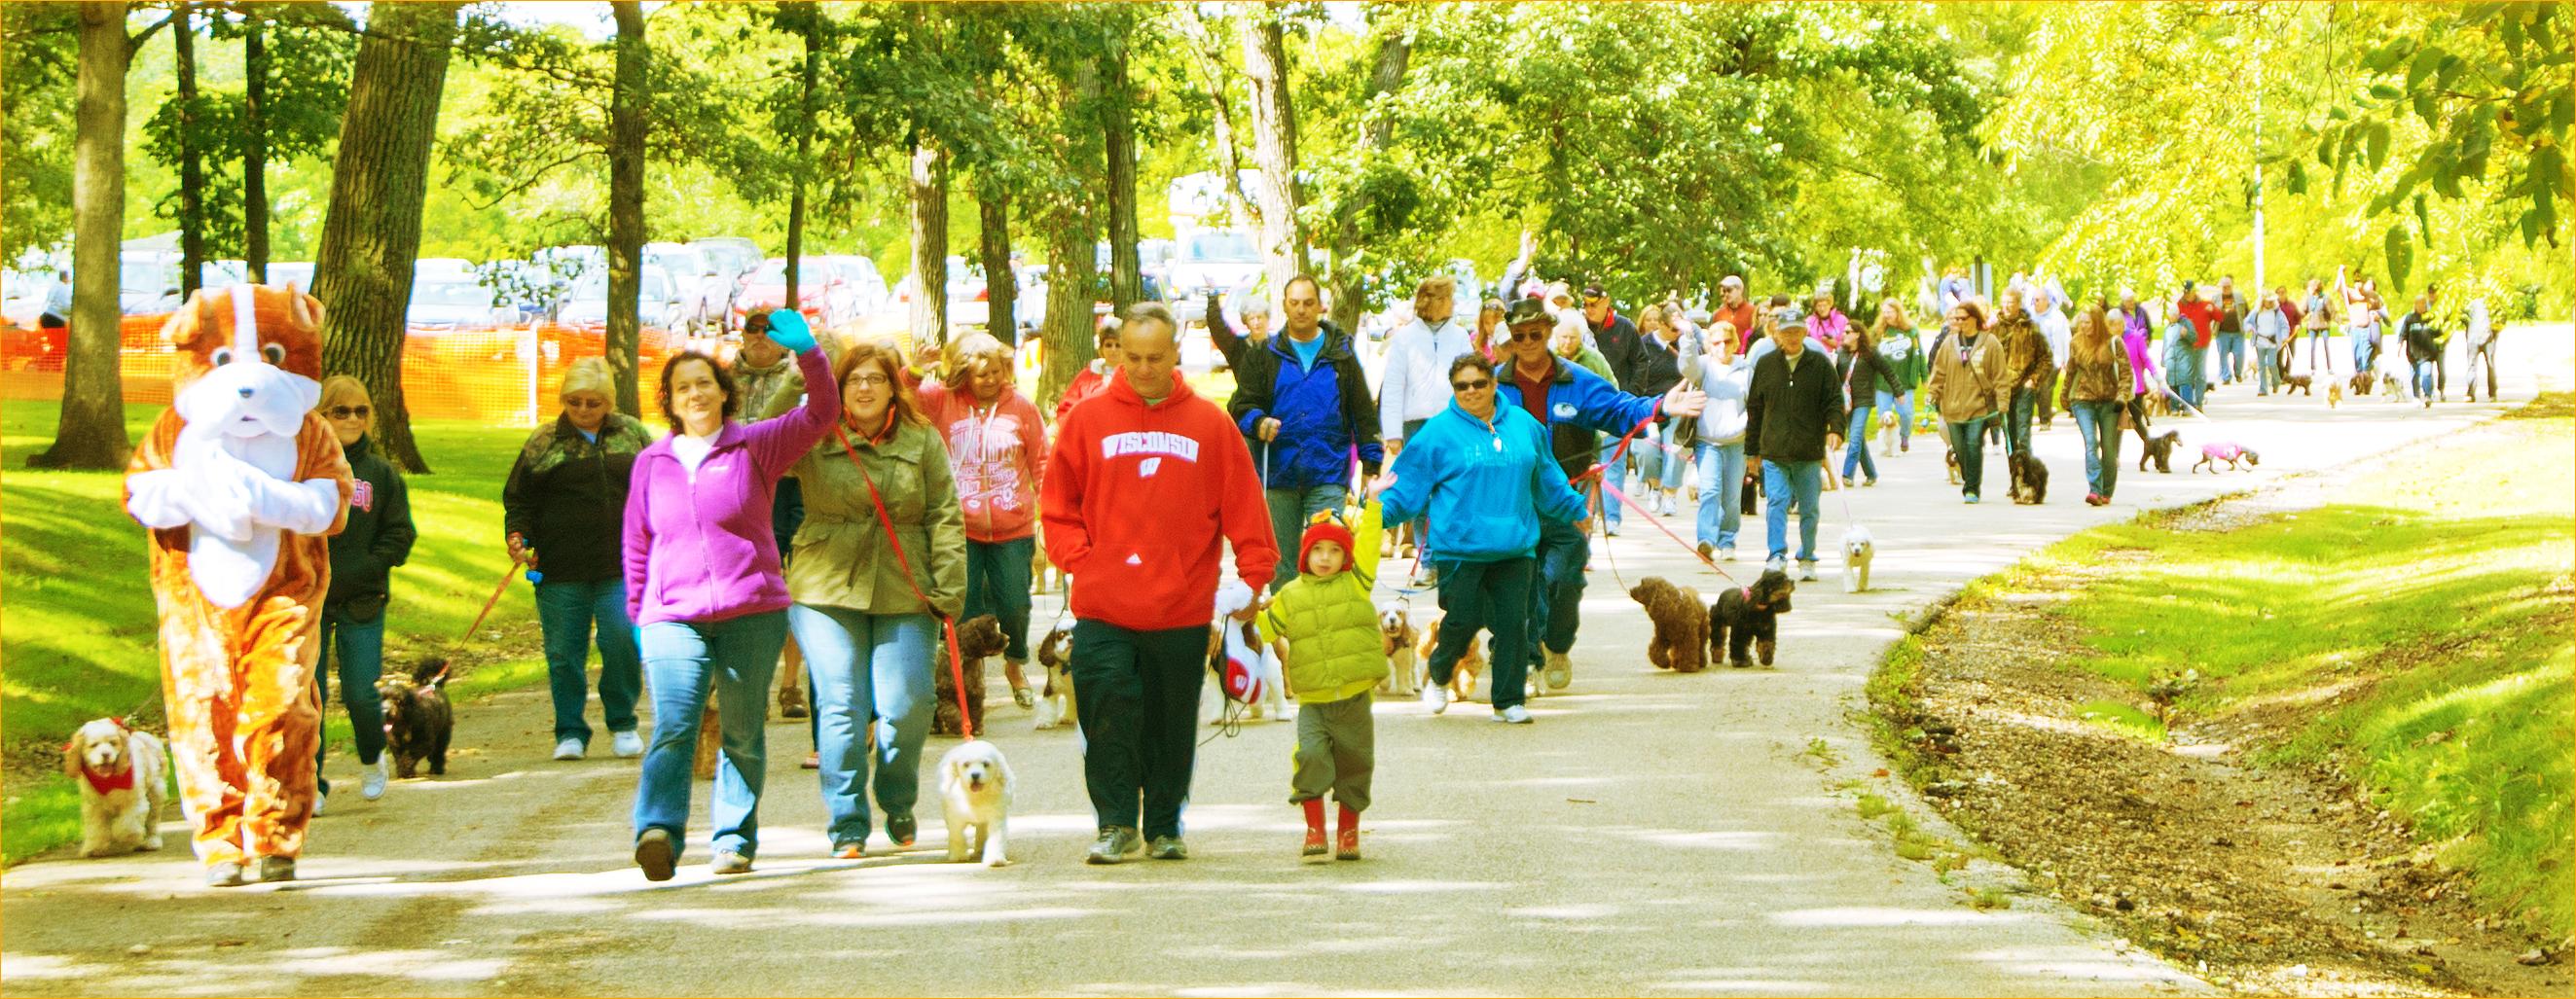 Wigglebutt Walk 2014 101